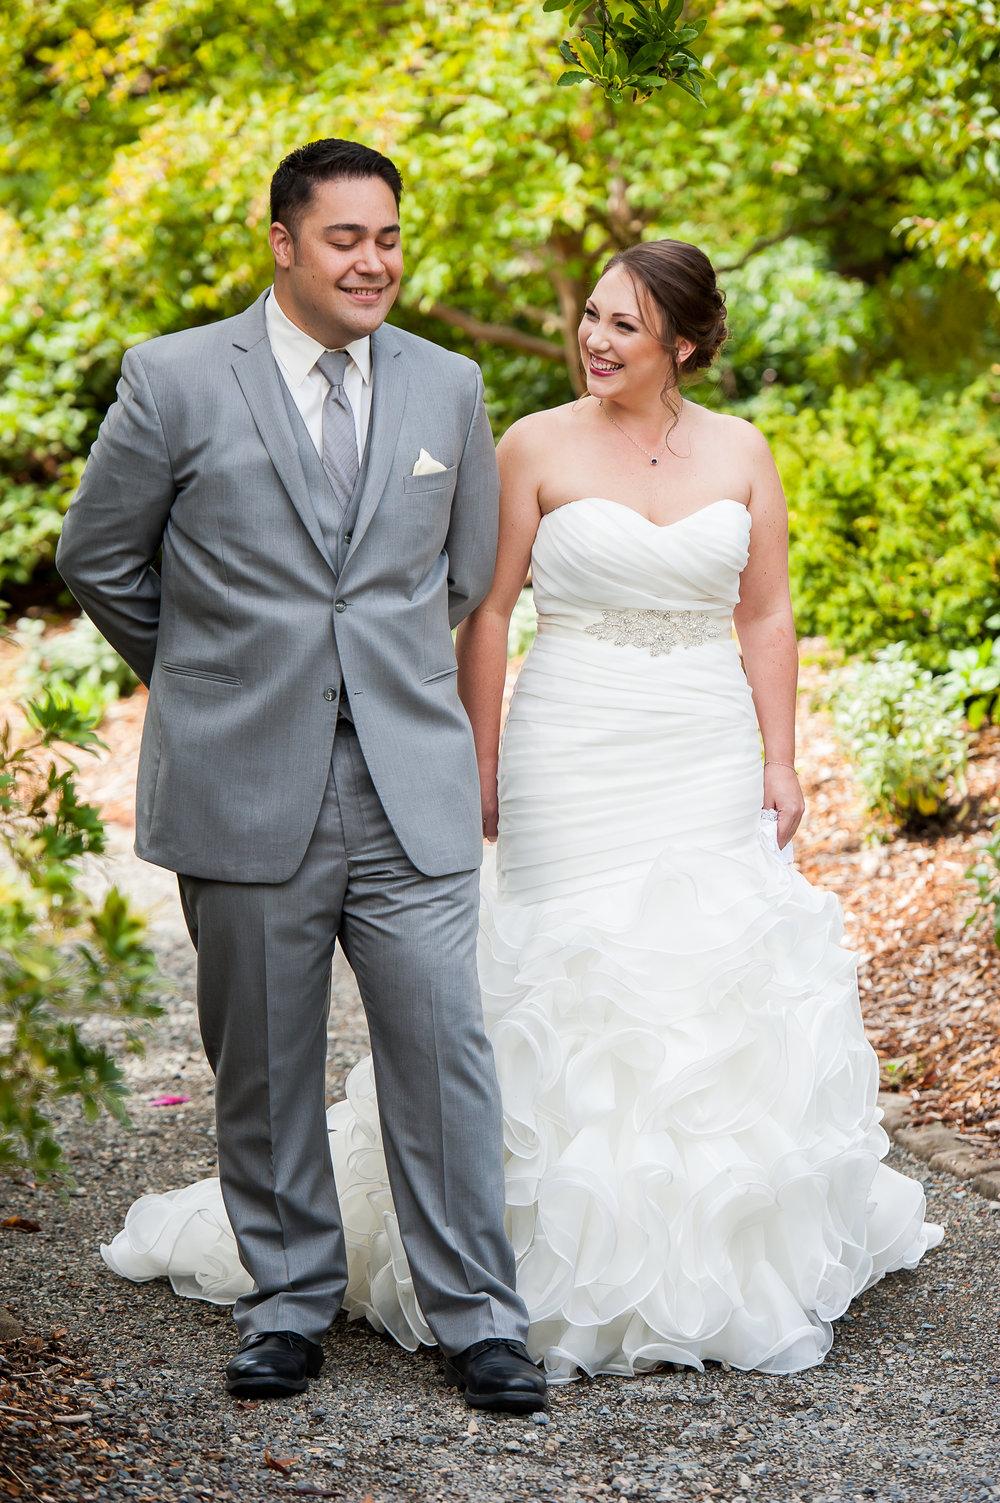 Keenan&SarahWedd0291.jpg